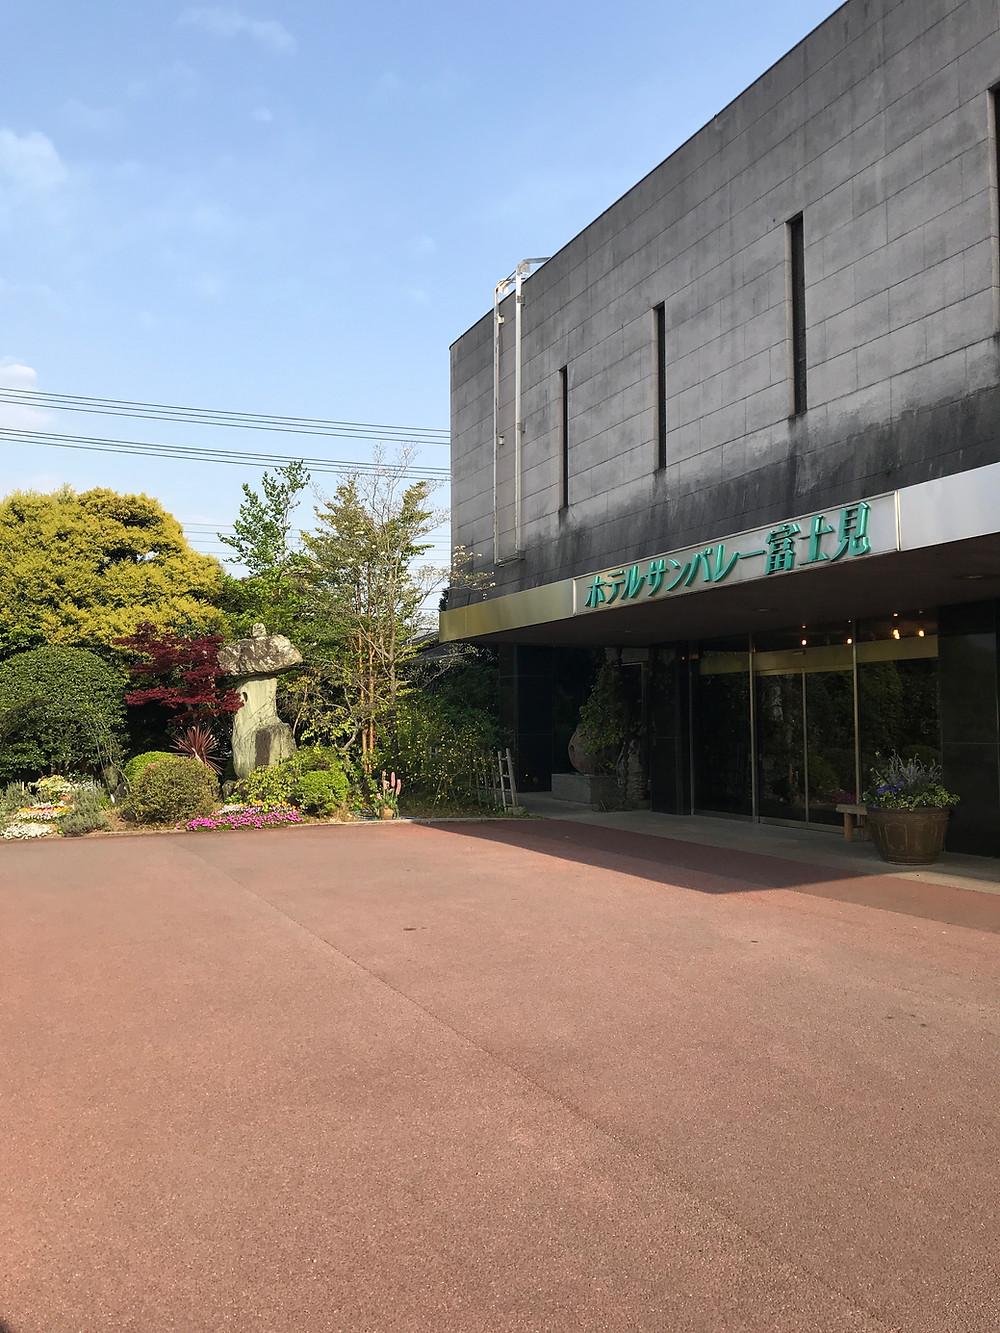 会場となったホテルサンバレー冨士見さんの玄関